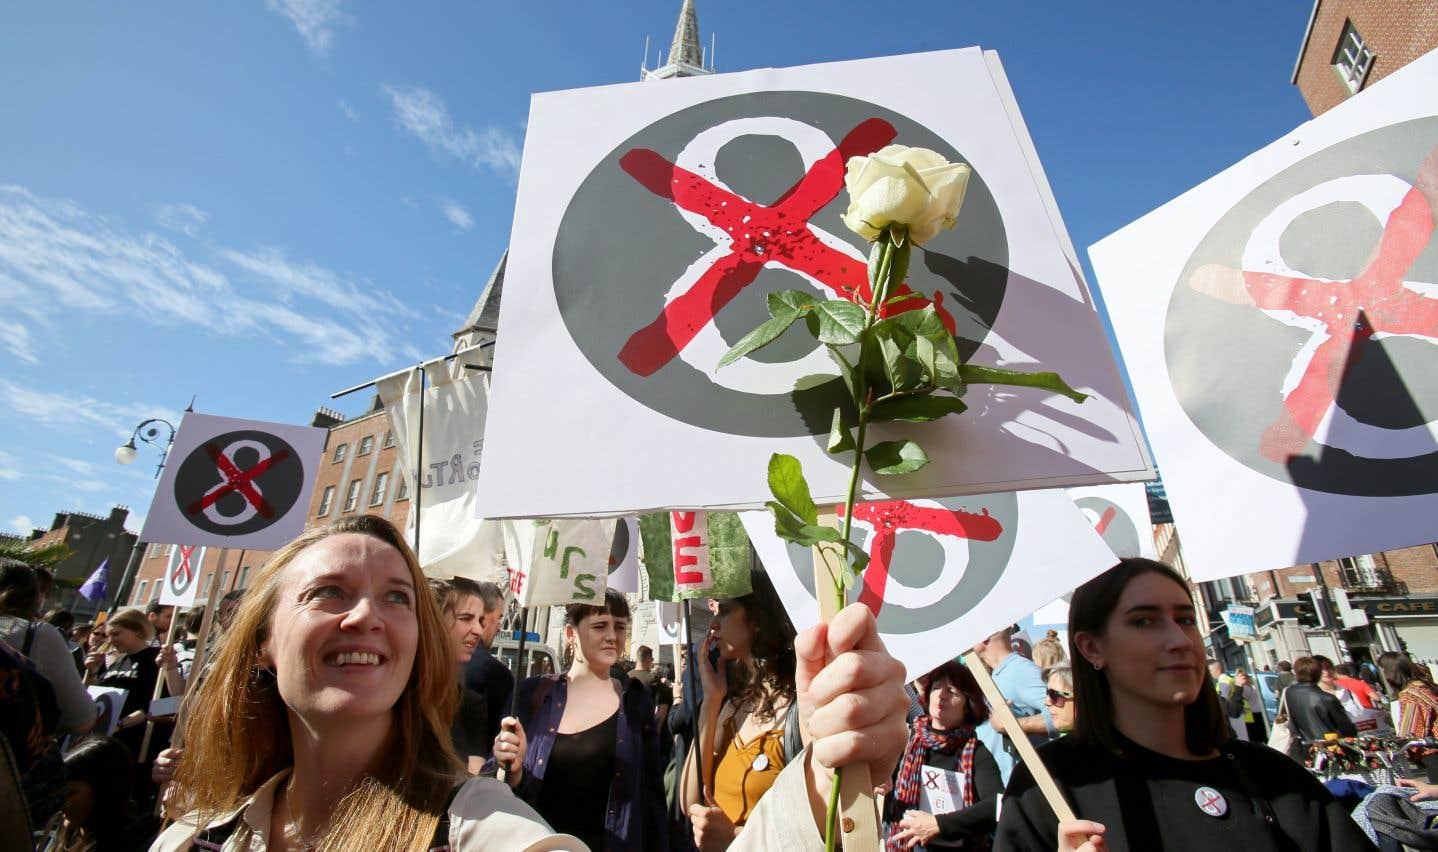 L'interdiction de l'avortement en Irlande du Nord devant la Cour suprême